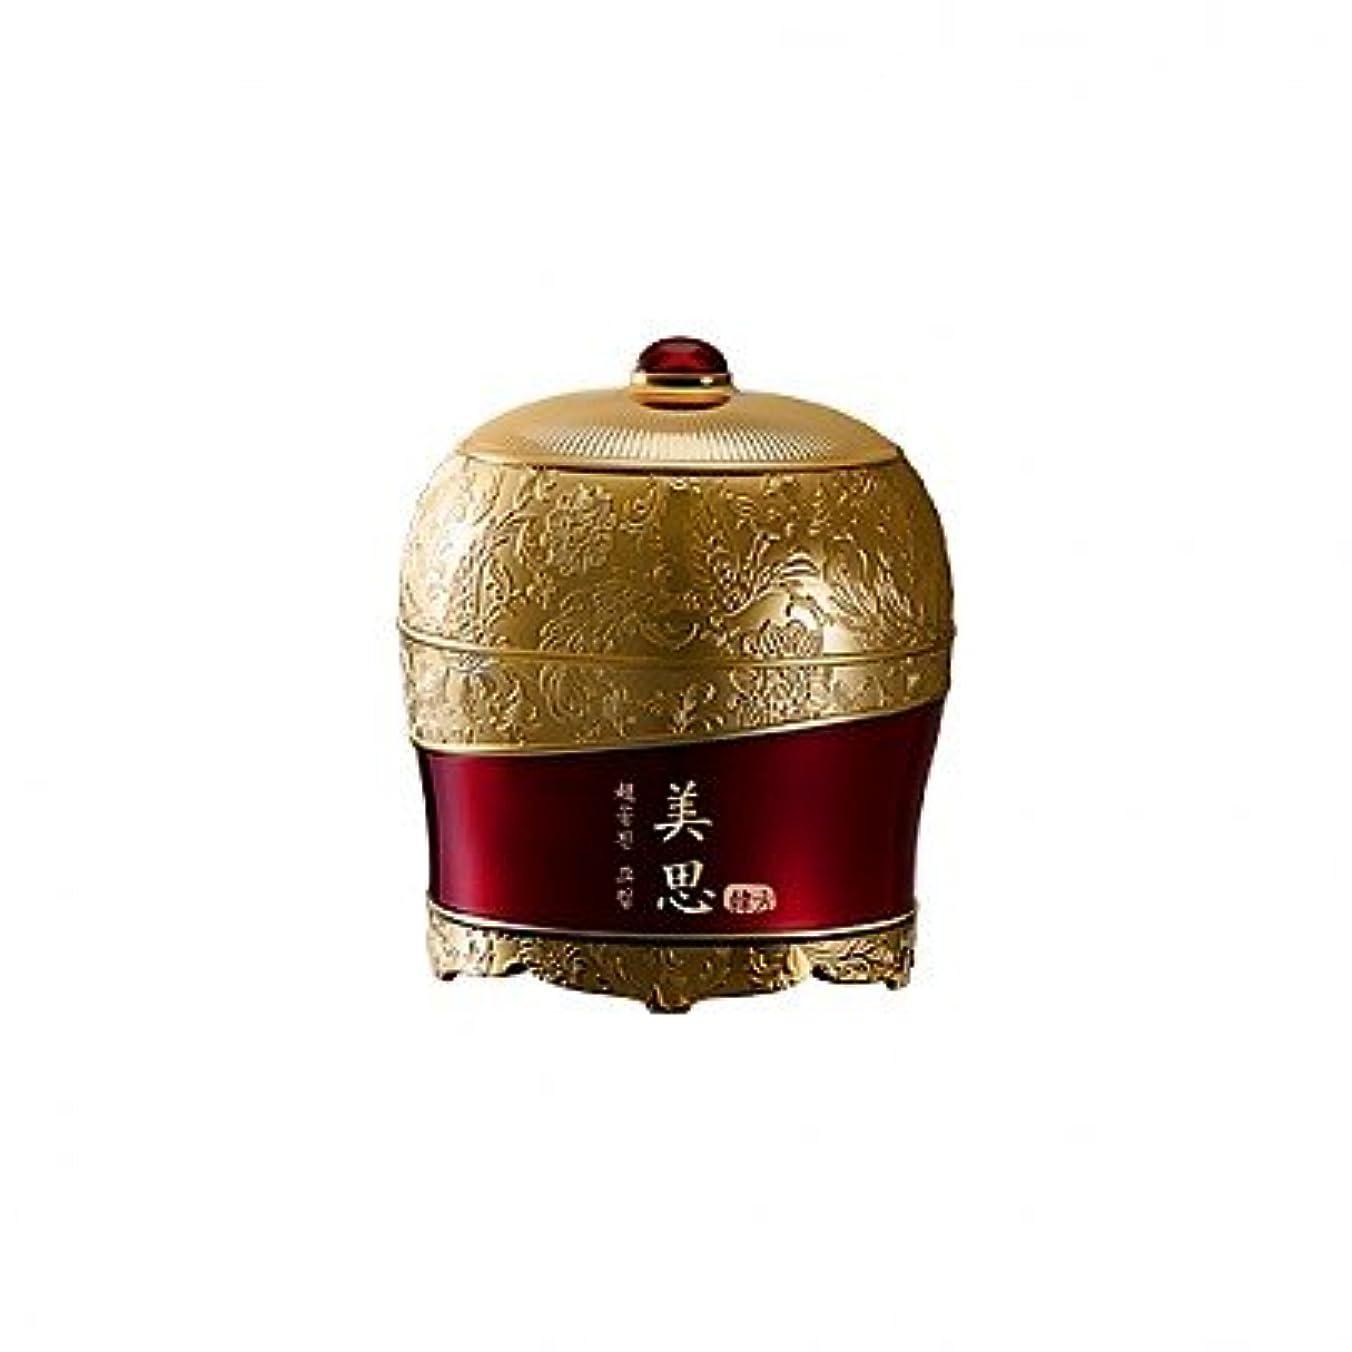 スペード派生するヘッジMISSHA/ミシャ チョゴンジン クリーム (旧チョボヤン) 60ml[海外直送品]